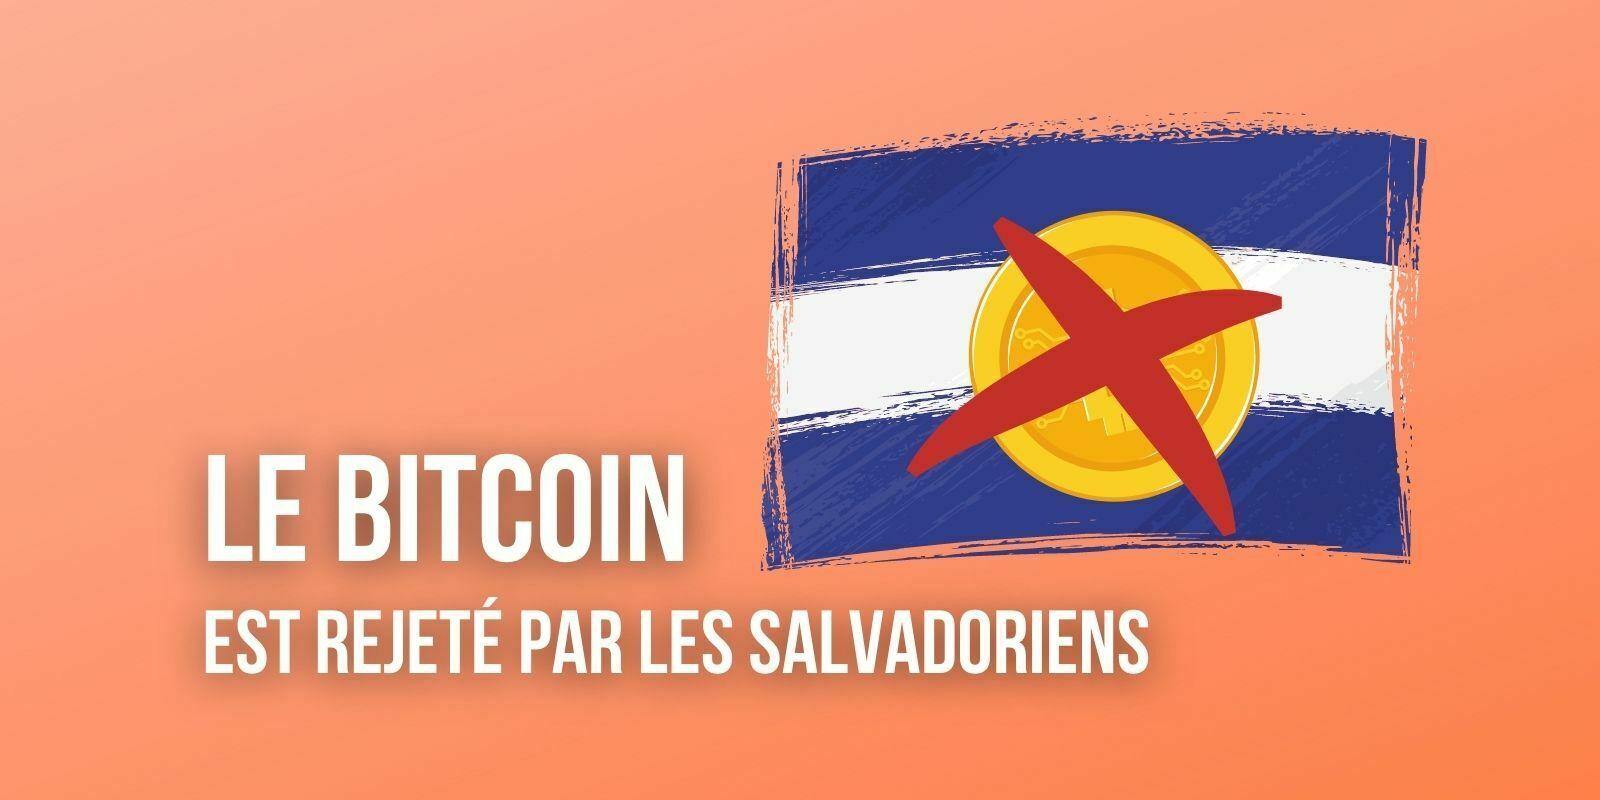 Salvador : 70% des habitants sont contre l'adoption du Bitcoin (BTC) comme monnaie légale